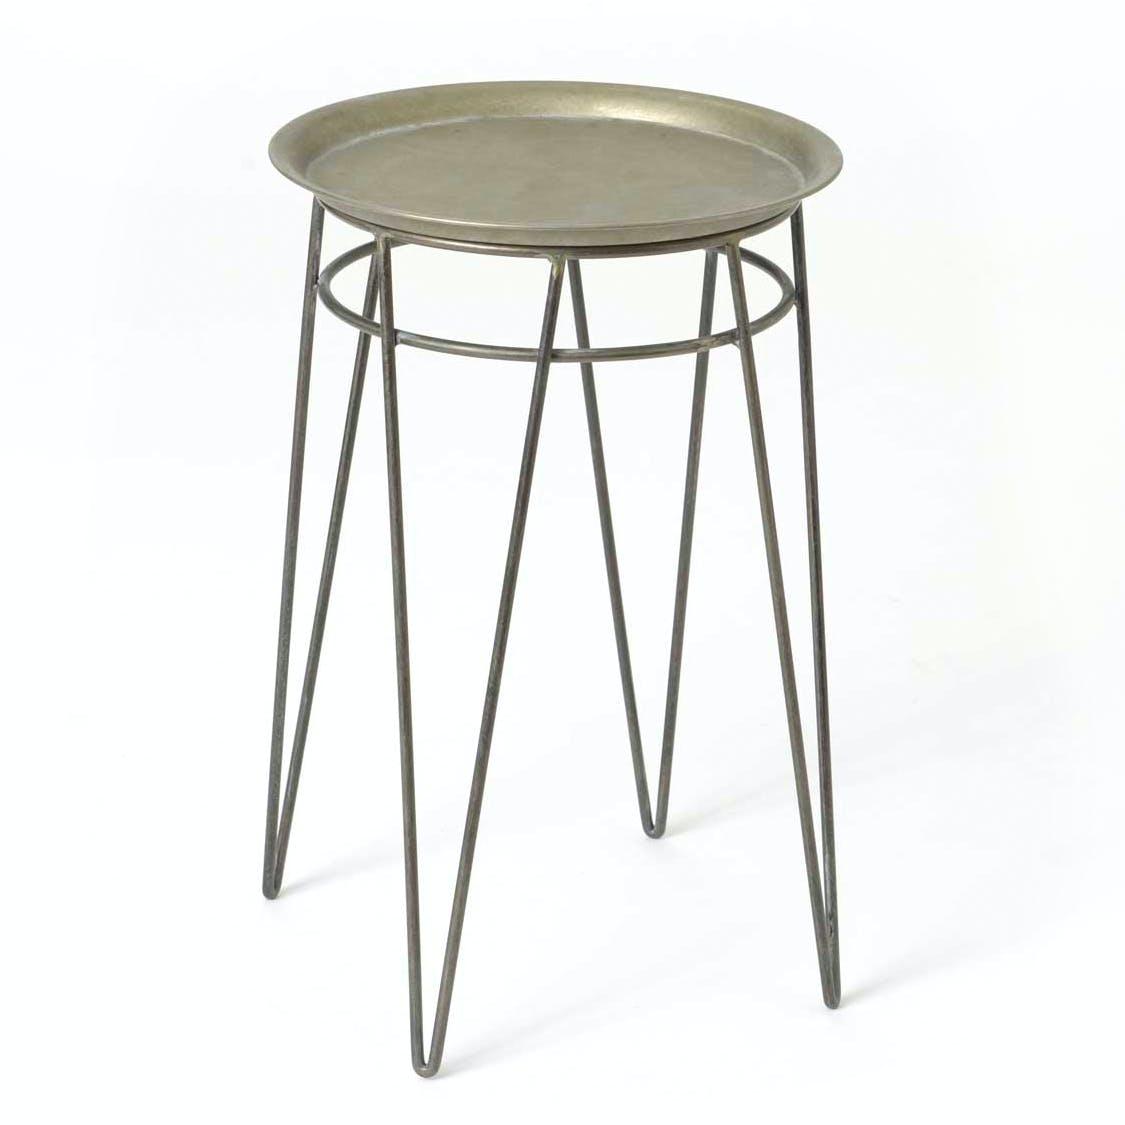 Bout de canapé / Table d'appoint ronde métal couleur argentée avec plateau amovible et pieds en épingle 2 tiges D35 H53cm